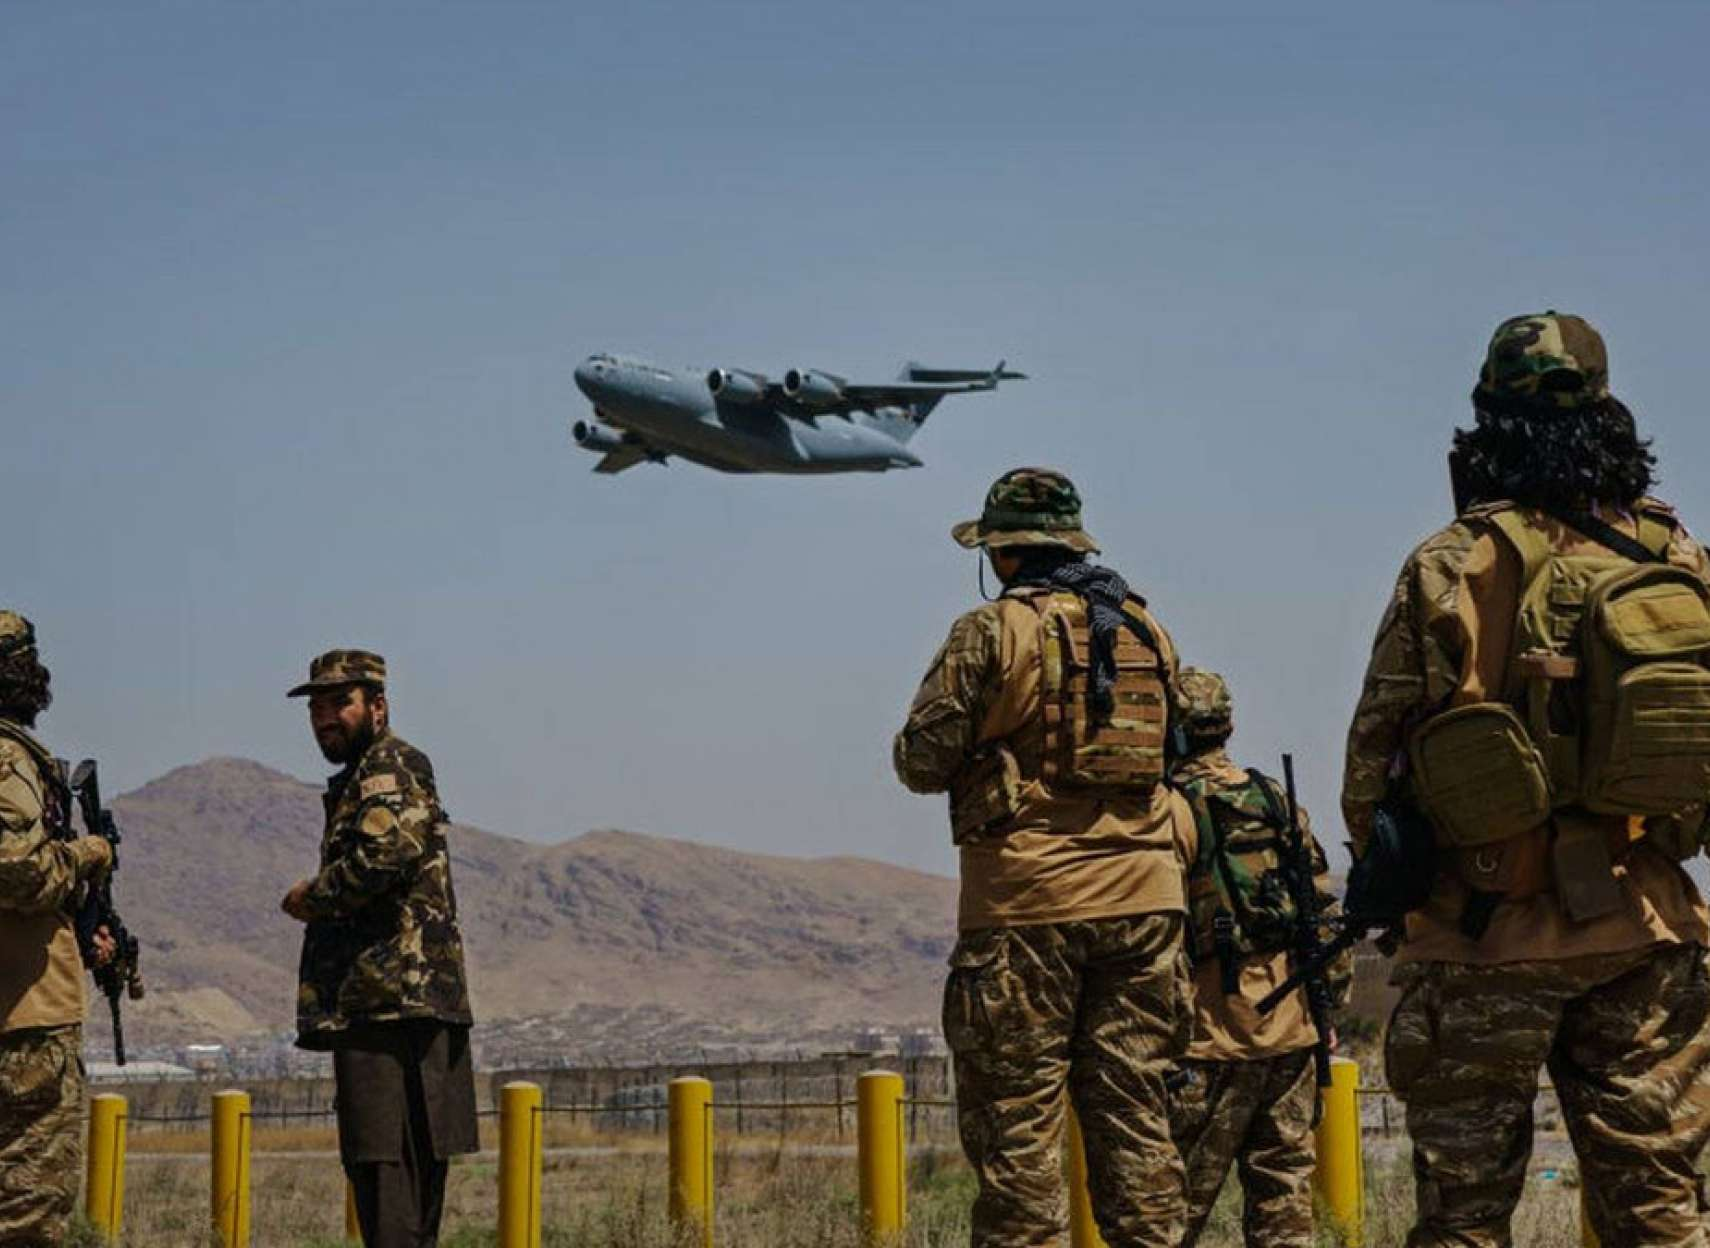 خبر-جهان-آمریکا-پس-از-۲۰-سال-از-افغانستان-خارج-شد-روز-آخر-چگونه-بود